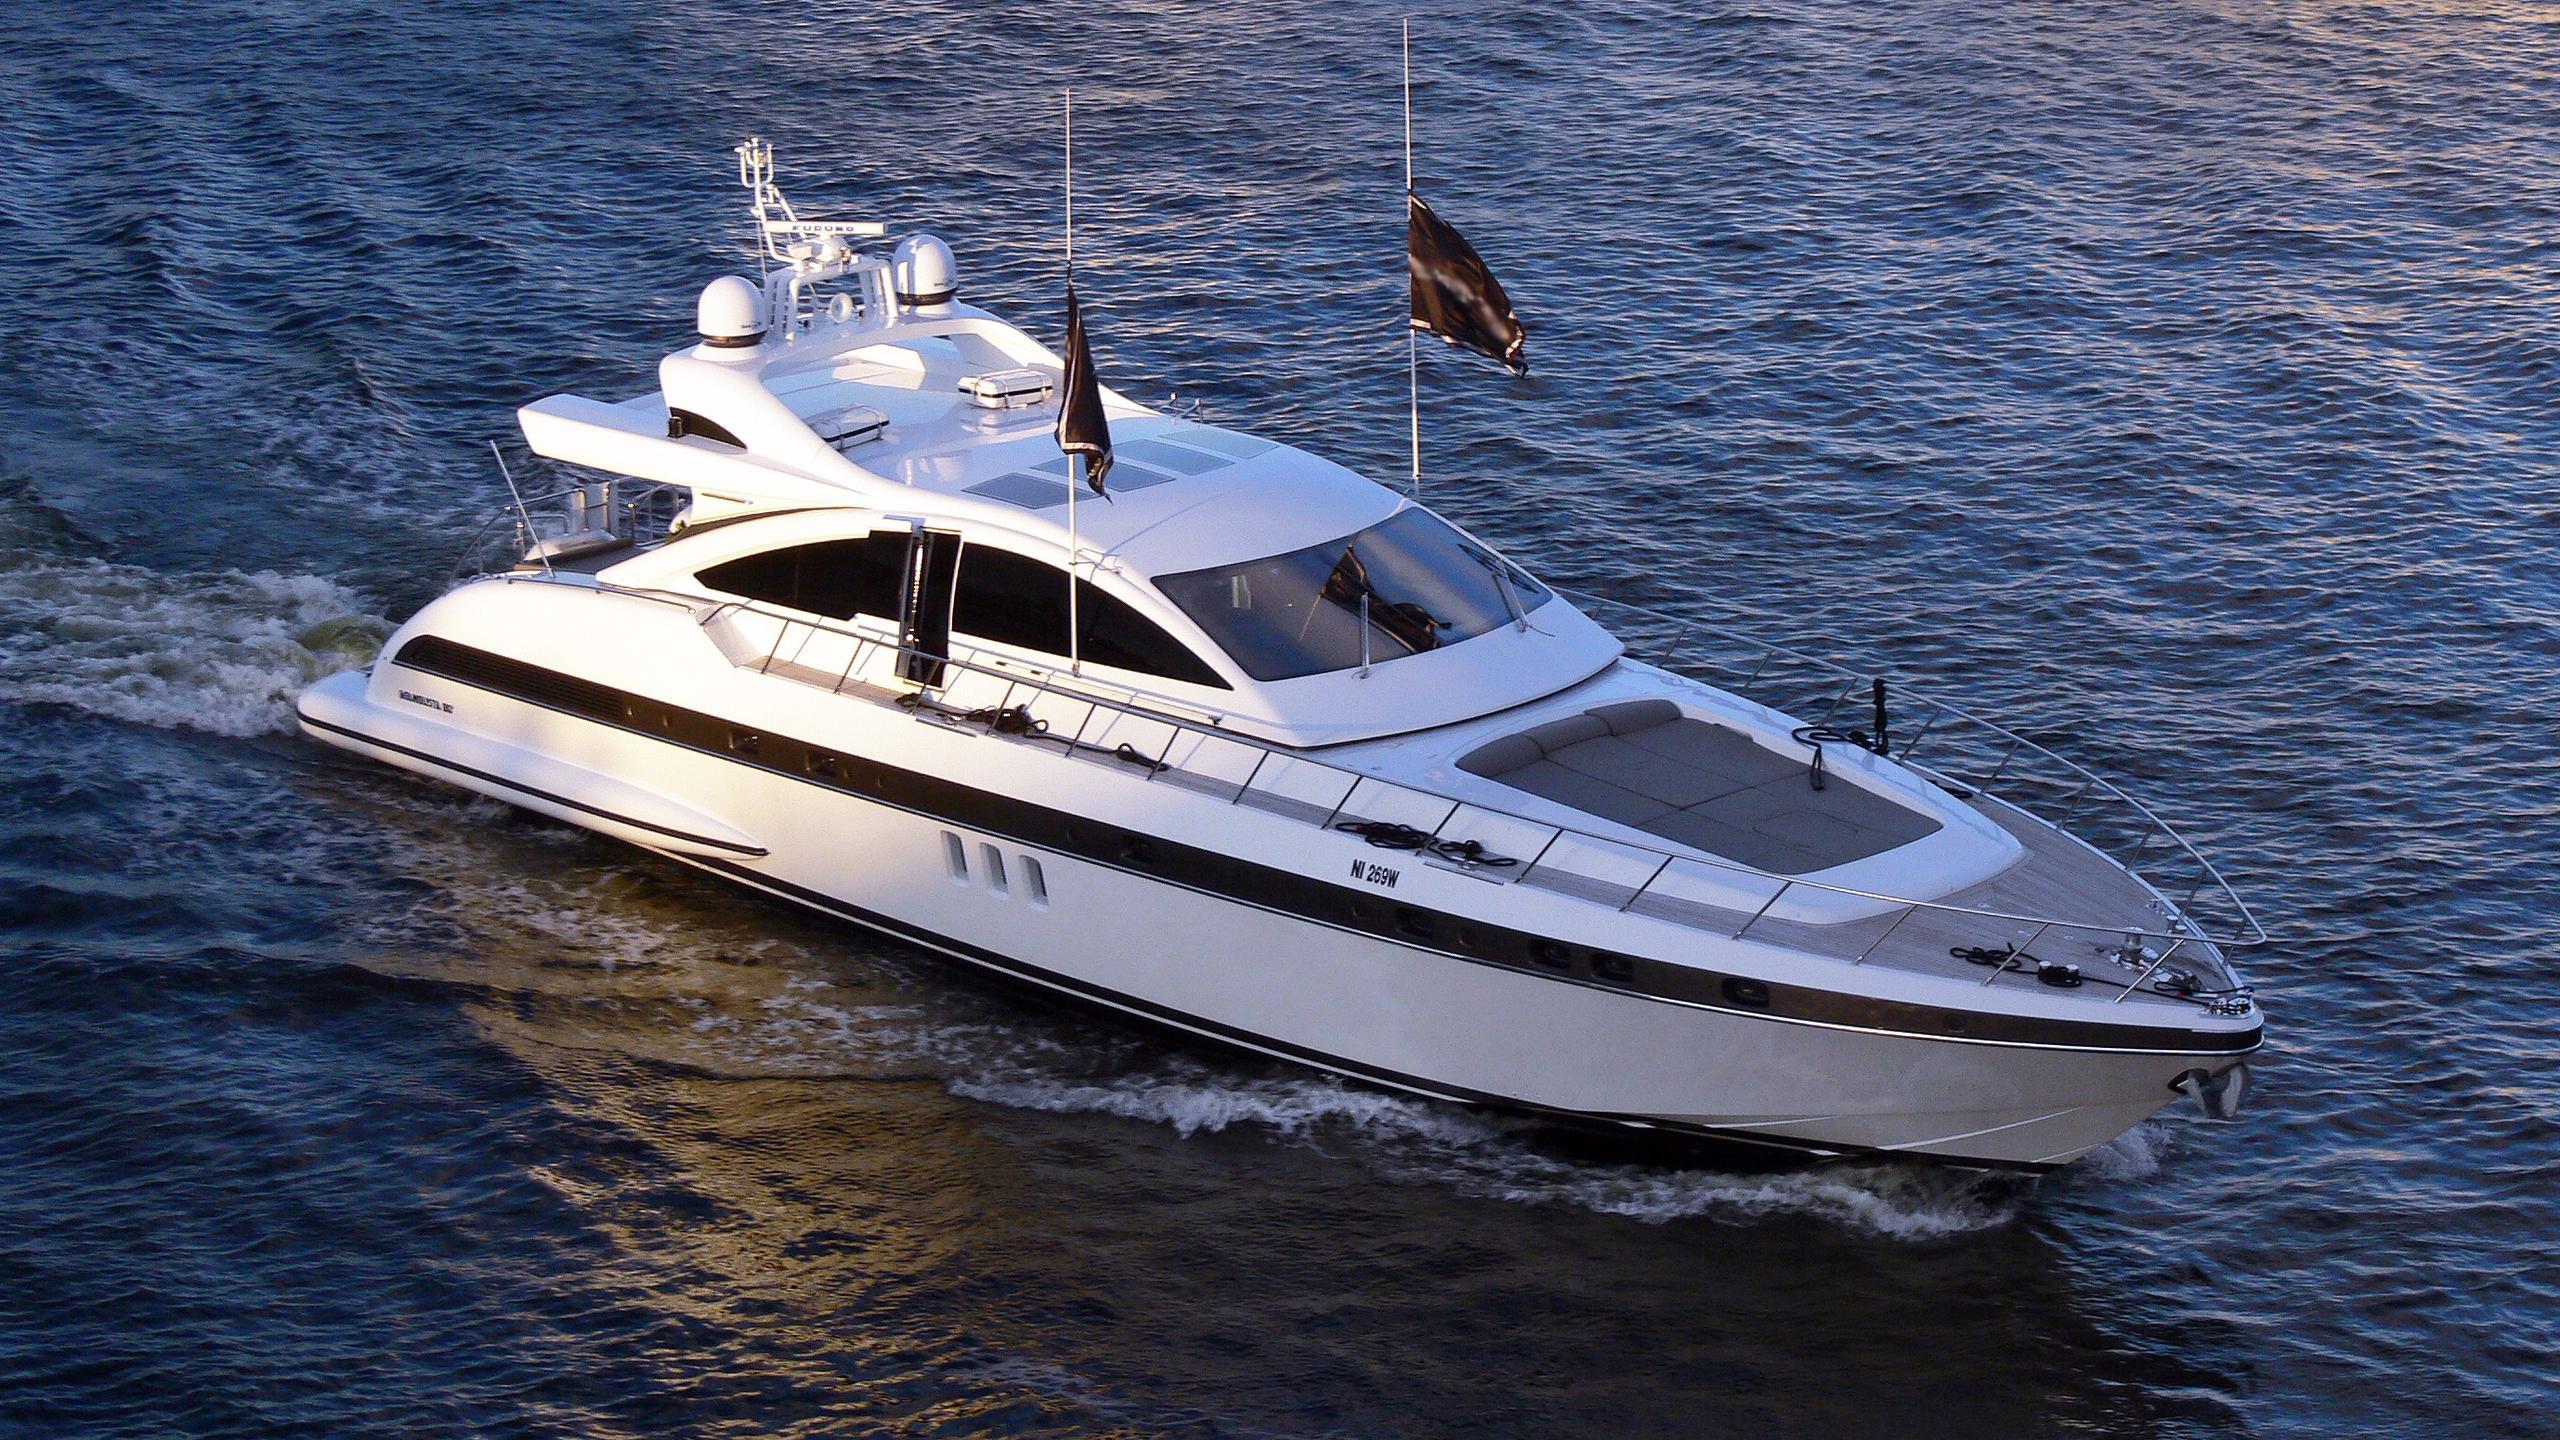 mangusta-80-68-motor-yacht-overmarine-2007-25m-cruising